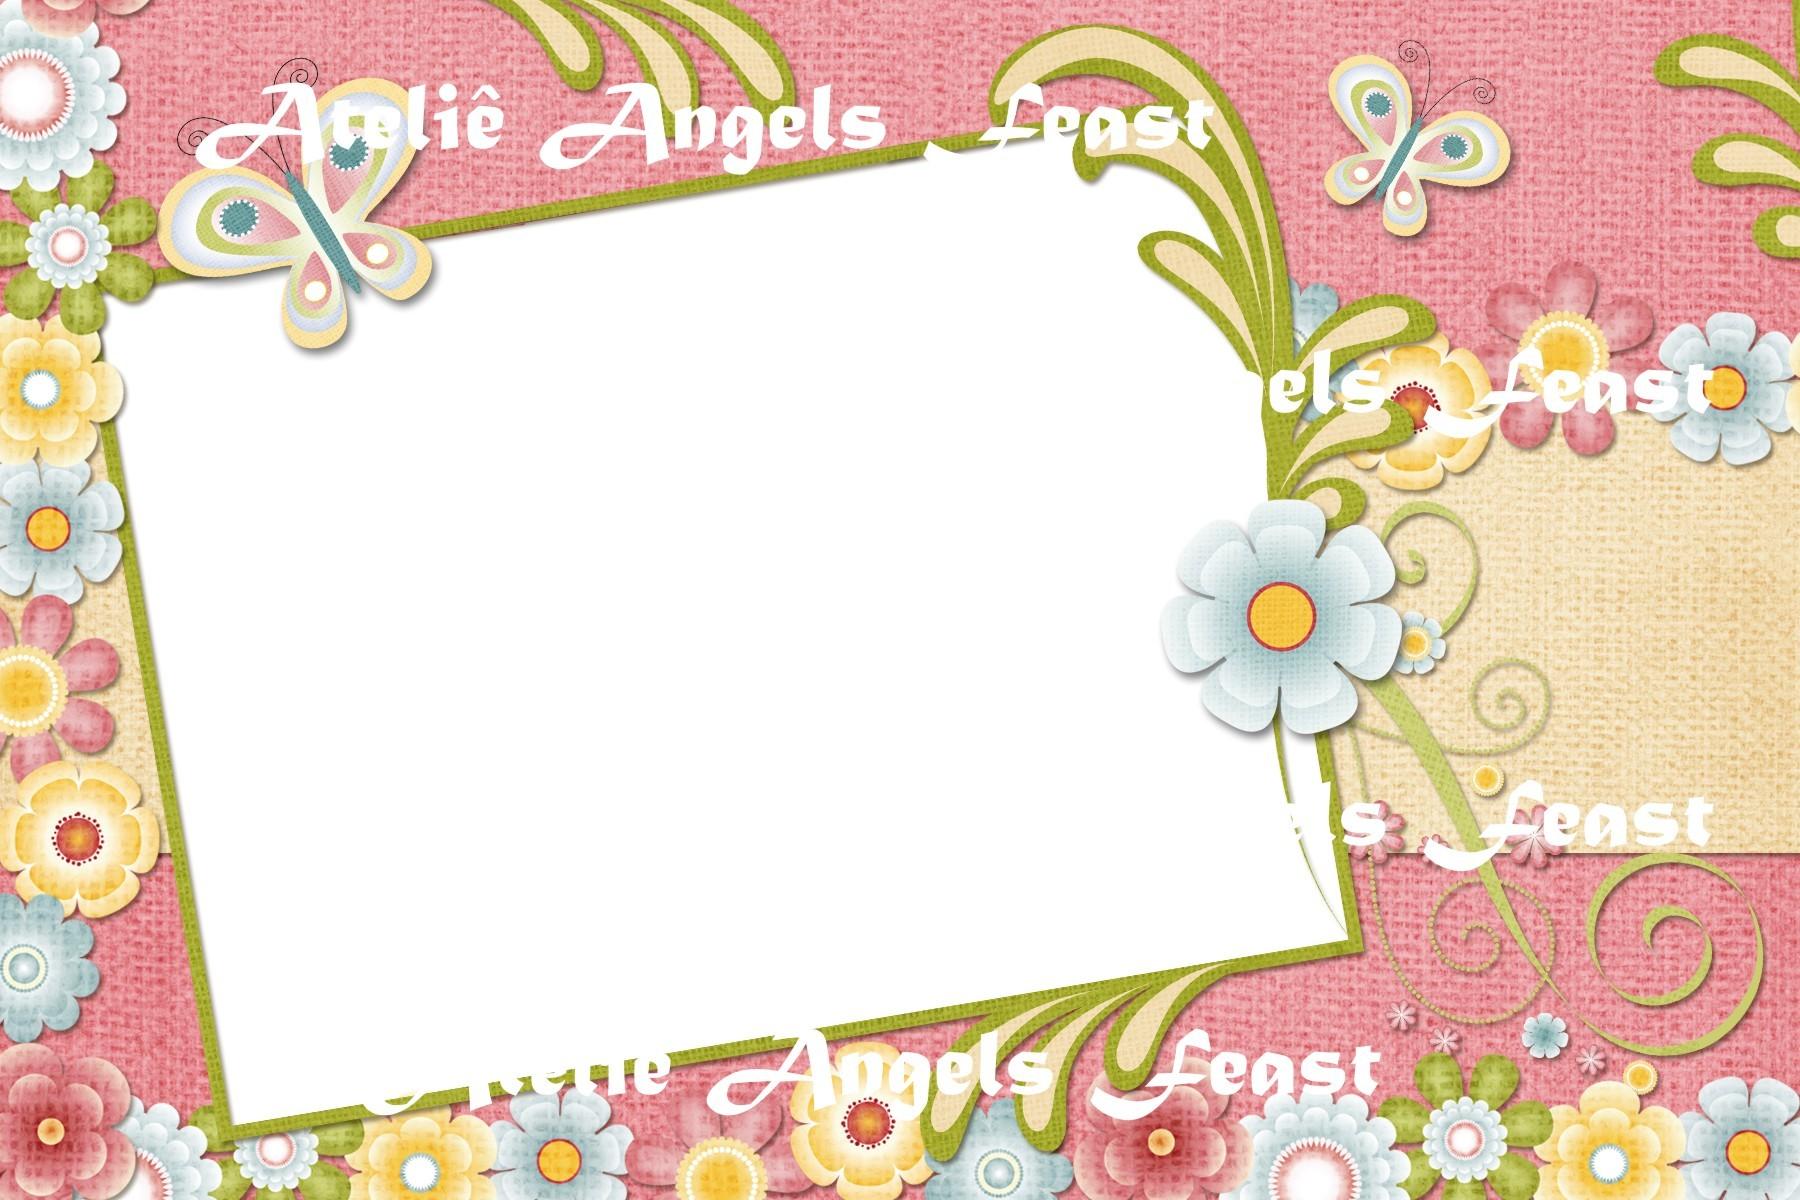 fotos de aniversario tema jardim encantado : fotos de aniversario tema jardim encantado:Convite tema Jardim Encantado